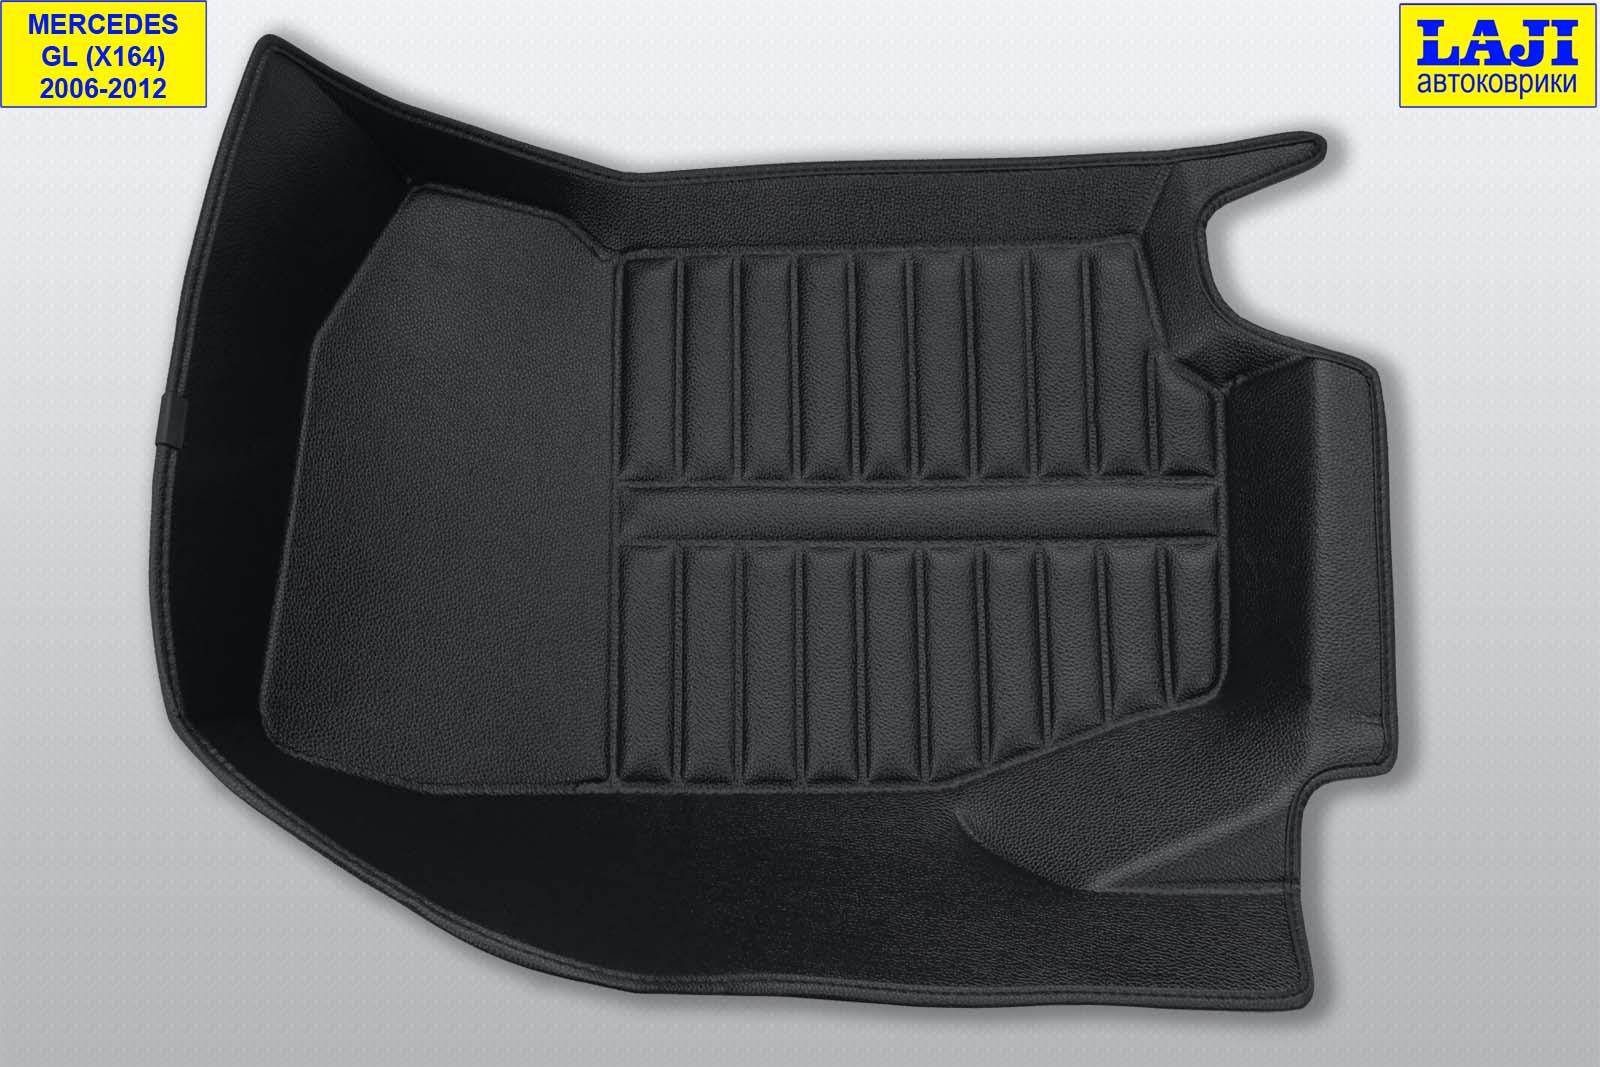 5D коврики в салон Mercedes GL X164 2006-2012 5